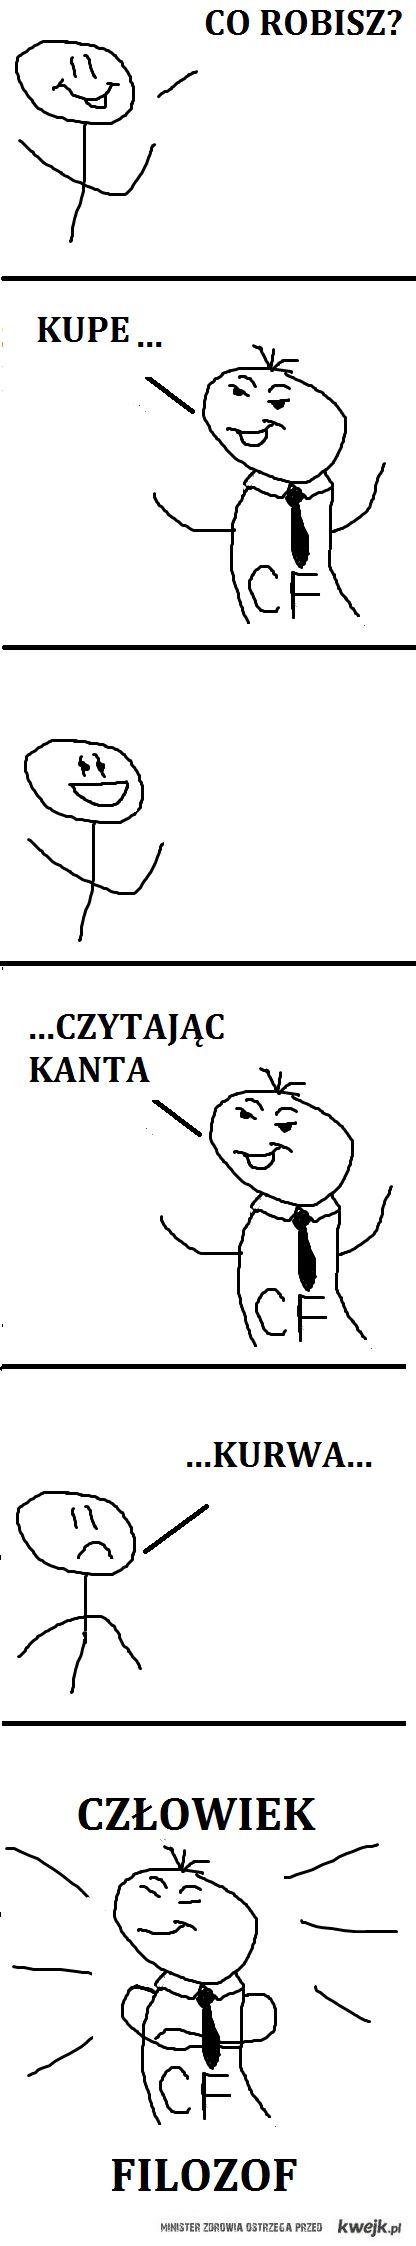 Człowiek Filozof, Kant i kupa